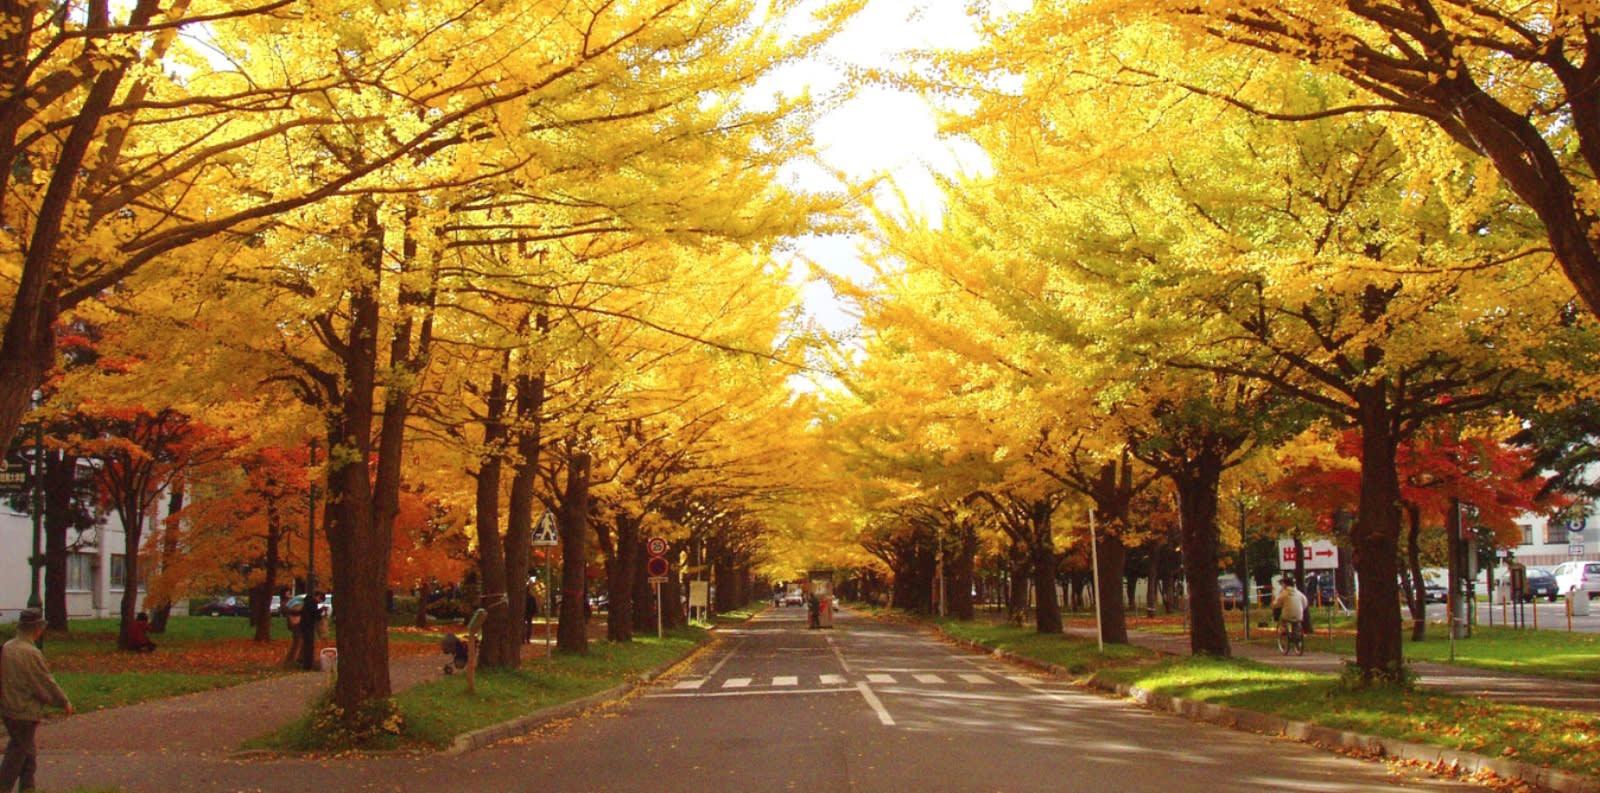 Autumn foliage in Sapporo